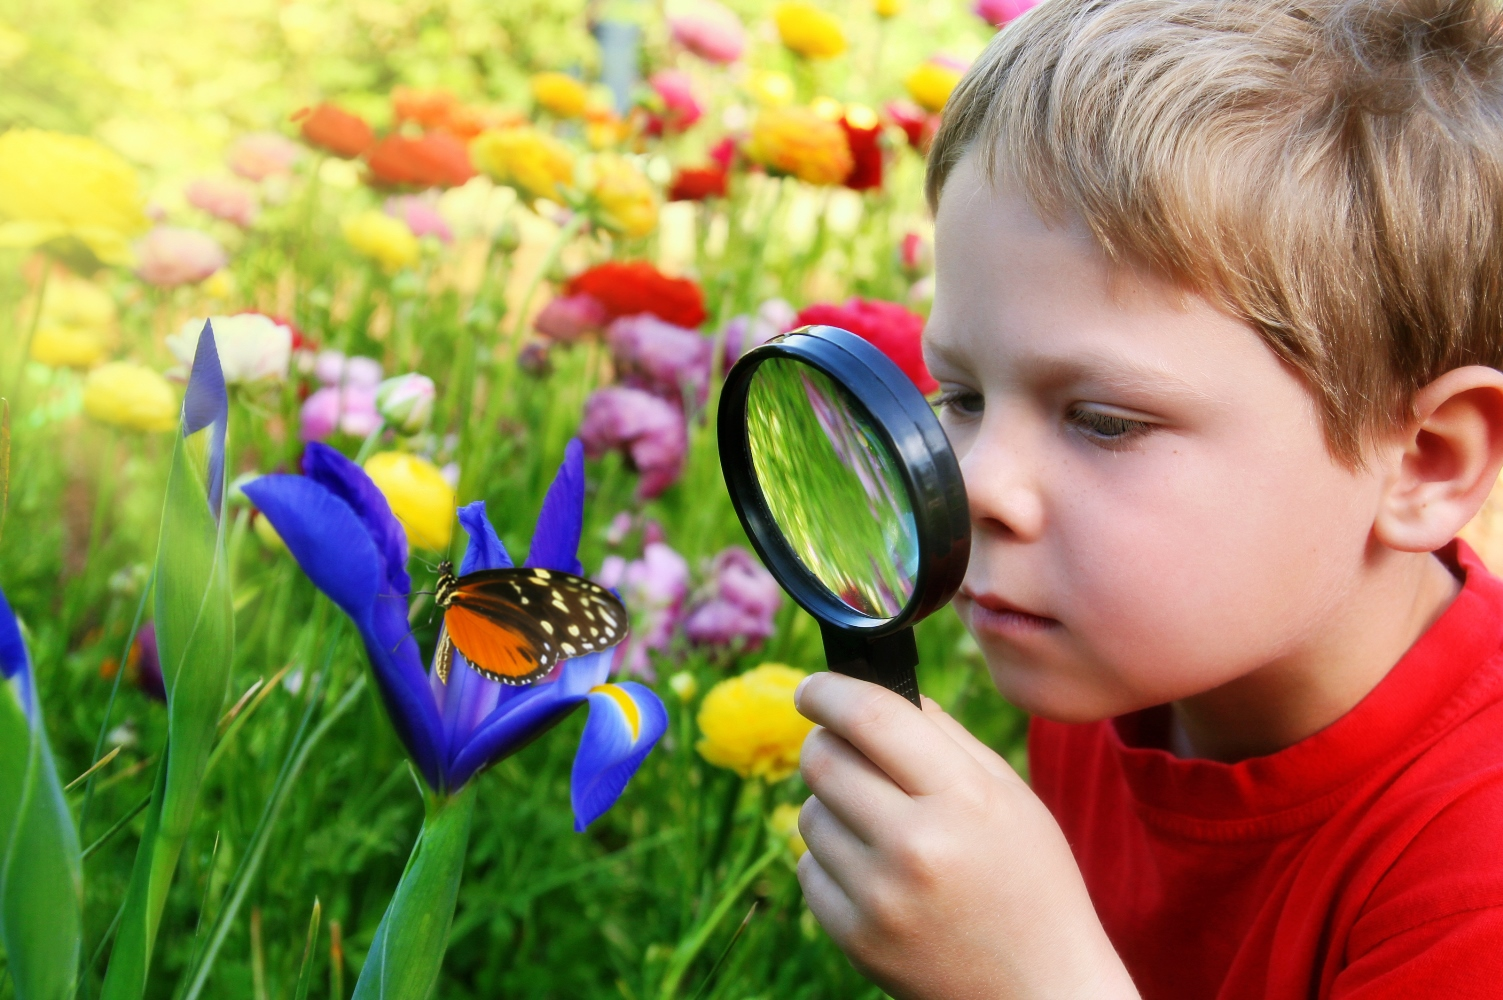 Giai đoạn trước khi đi học (từ 4-5 tuổi), trẻ đặt nhiều câu hỏi về thế giới xung quanh nhất.